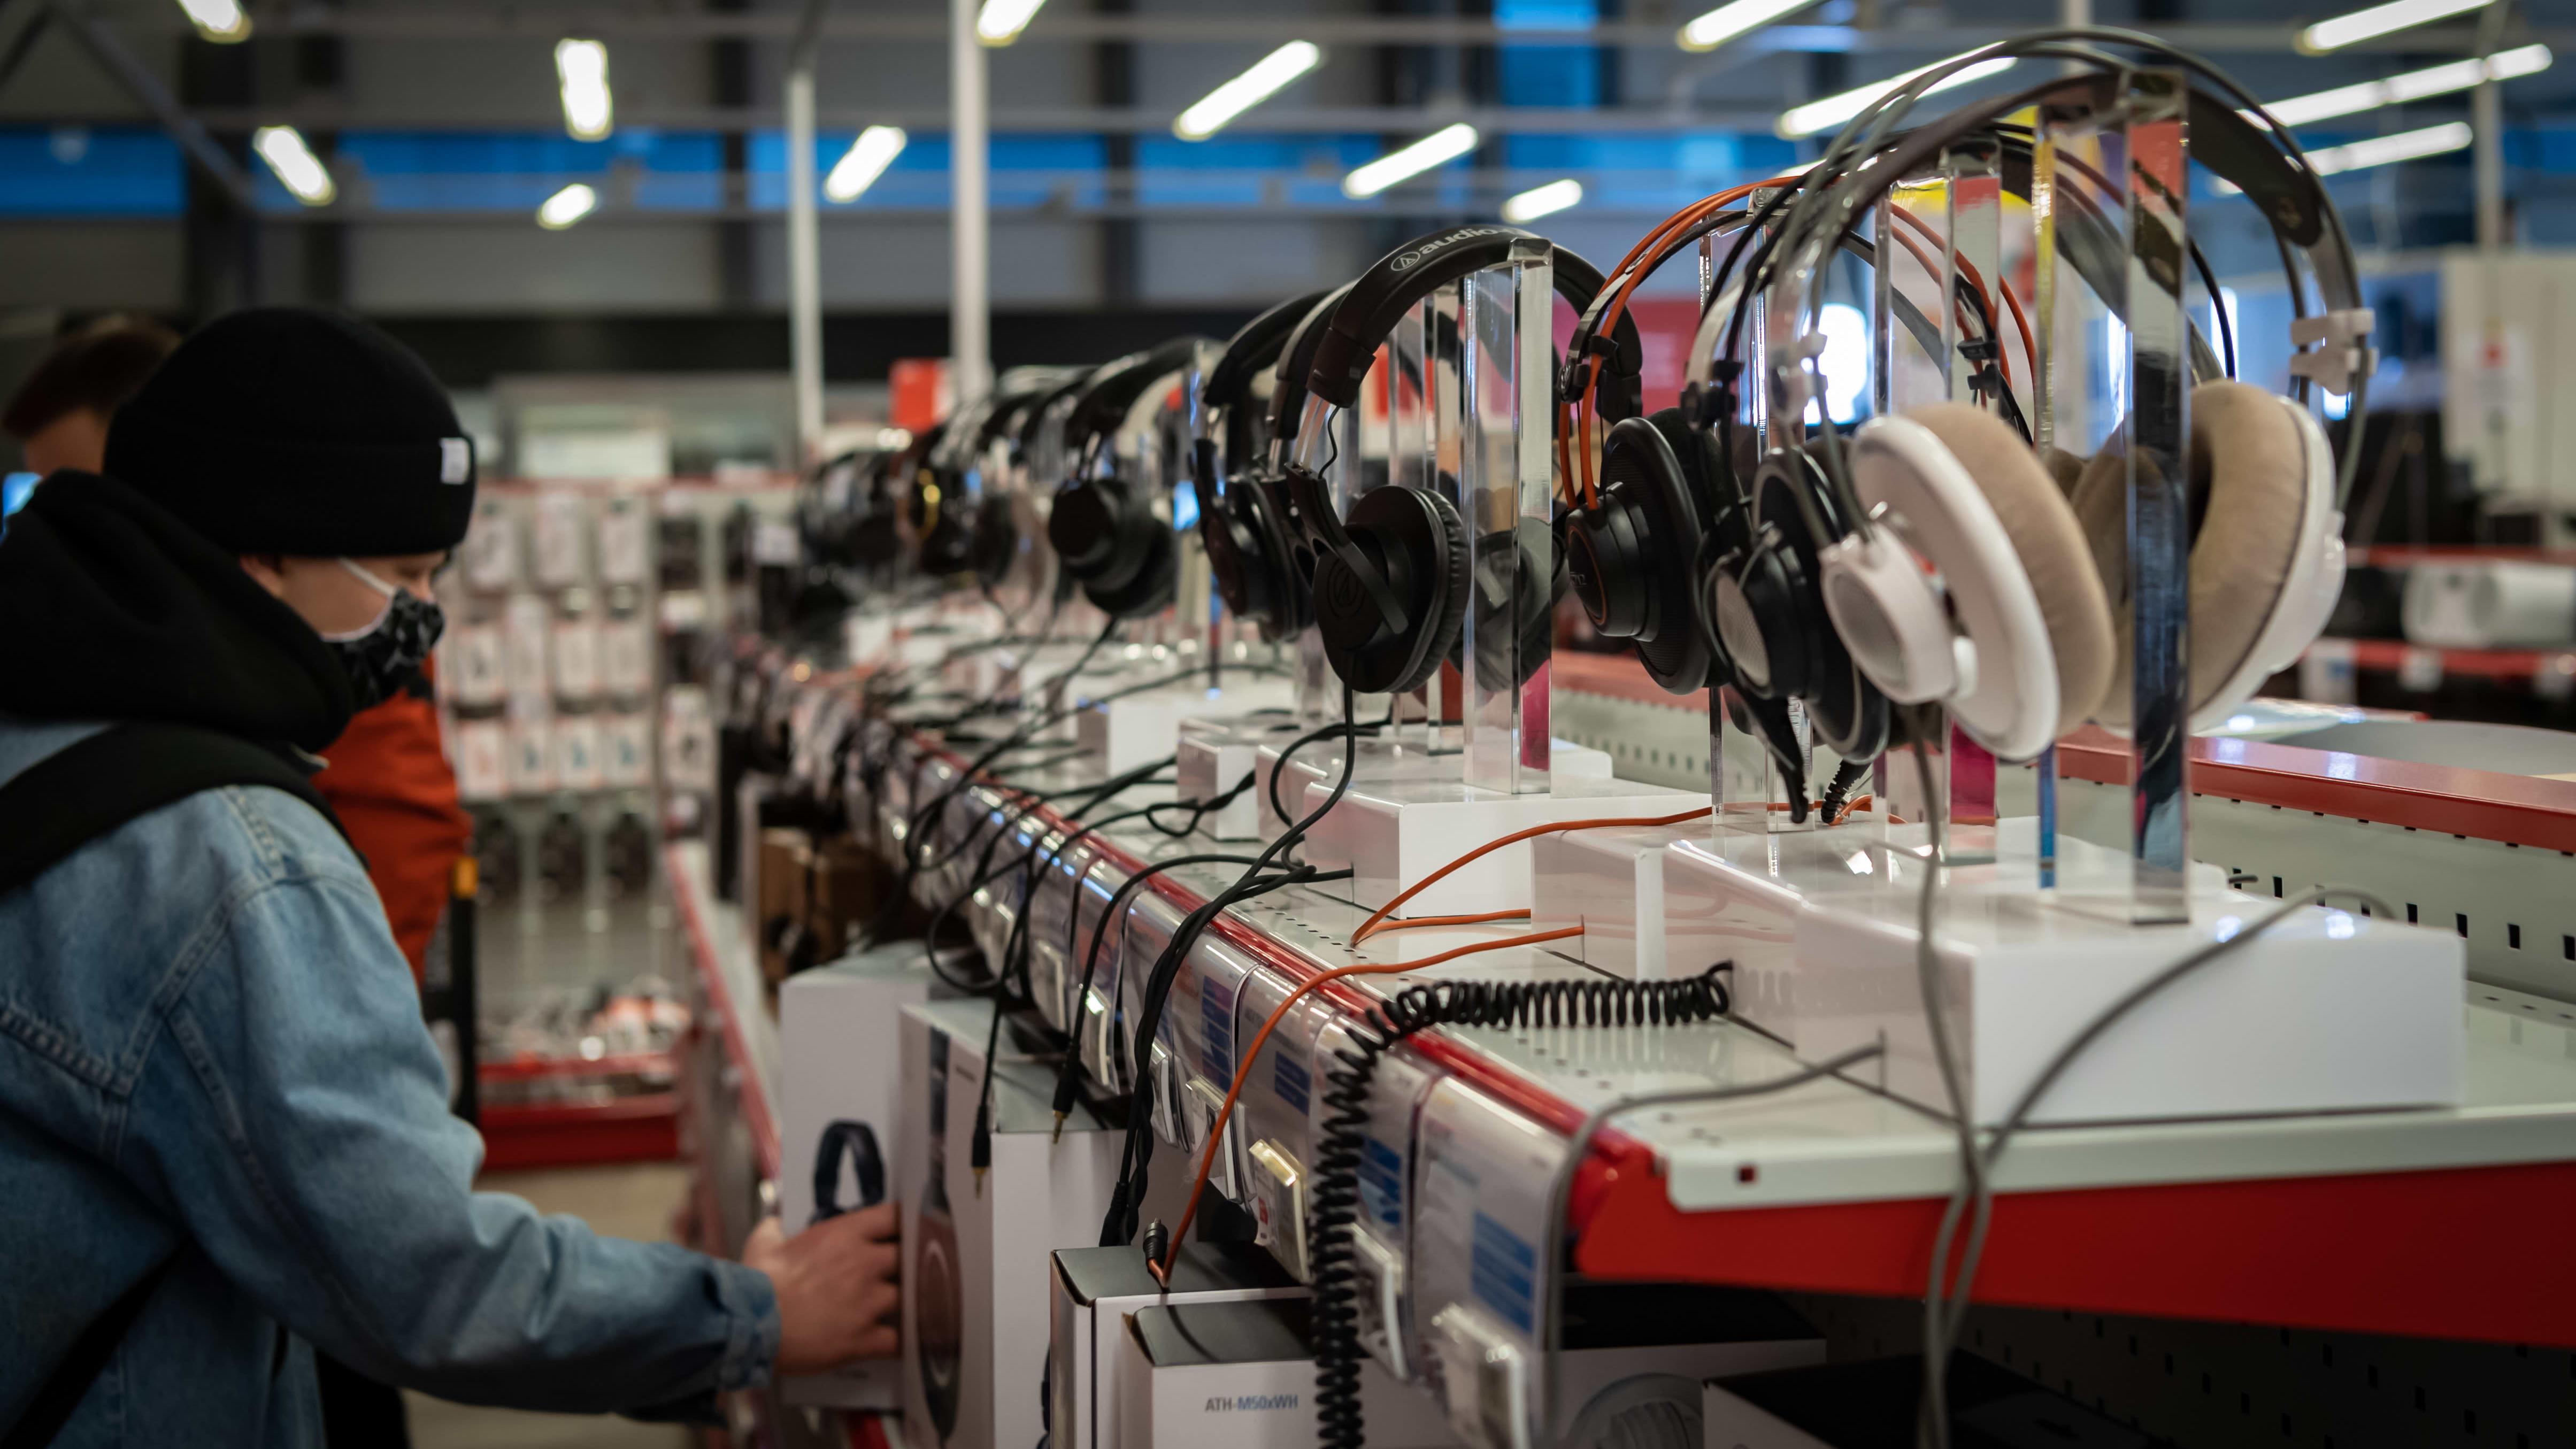 Kuulokkeita esillä kodinkoneliikkeessä